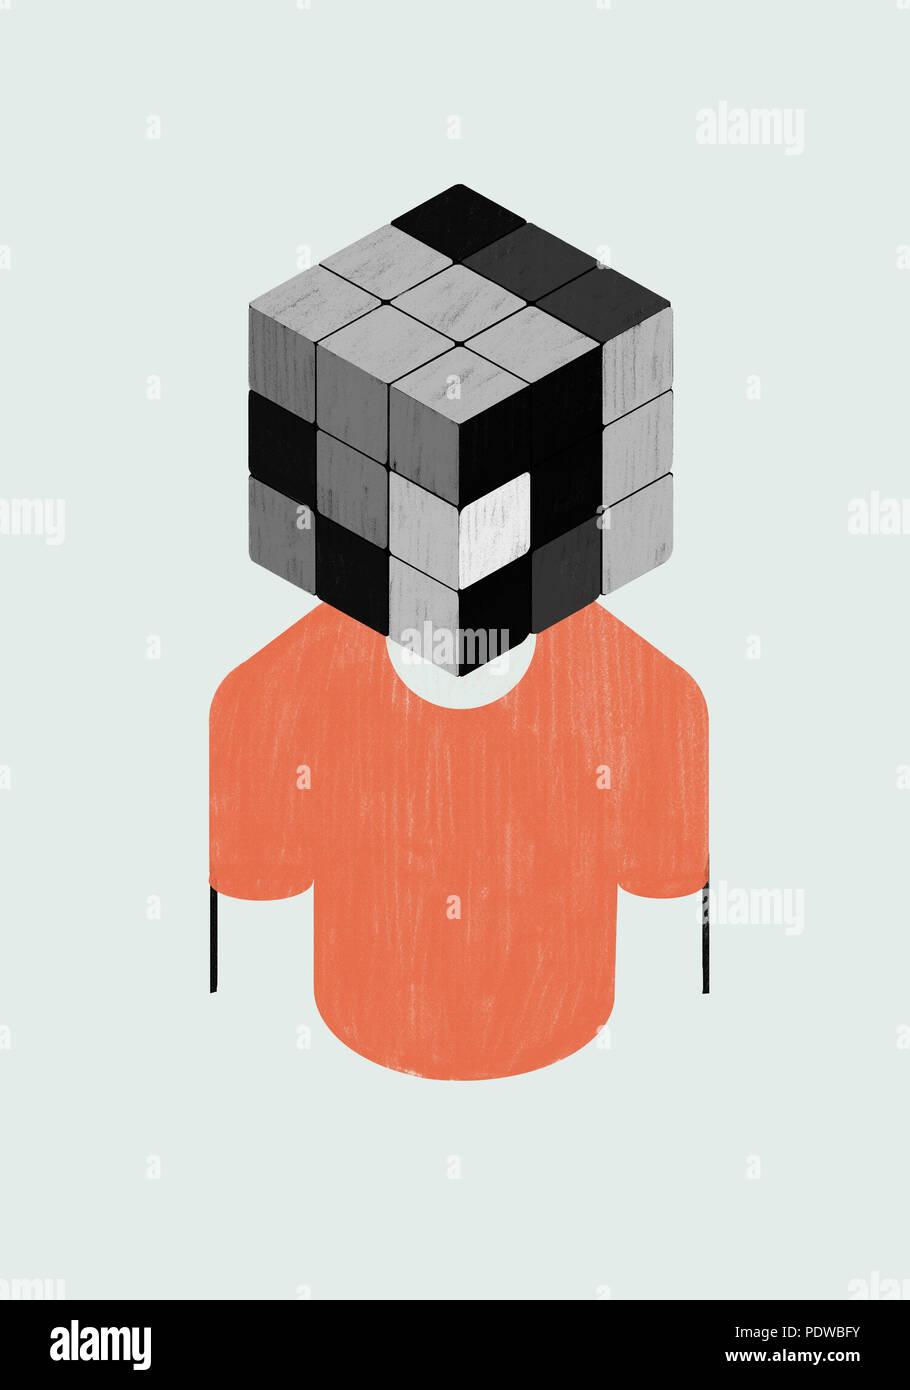 La psychologie. Gris Concept métaphore. L'esprit comme un Rubik cube. Photo Stock